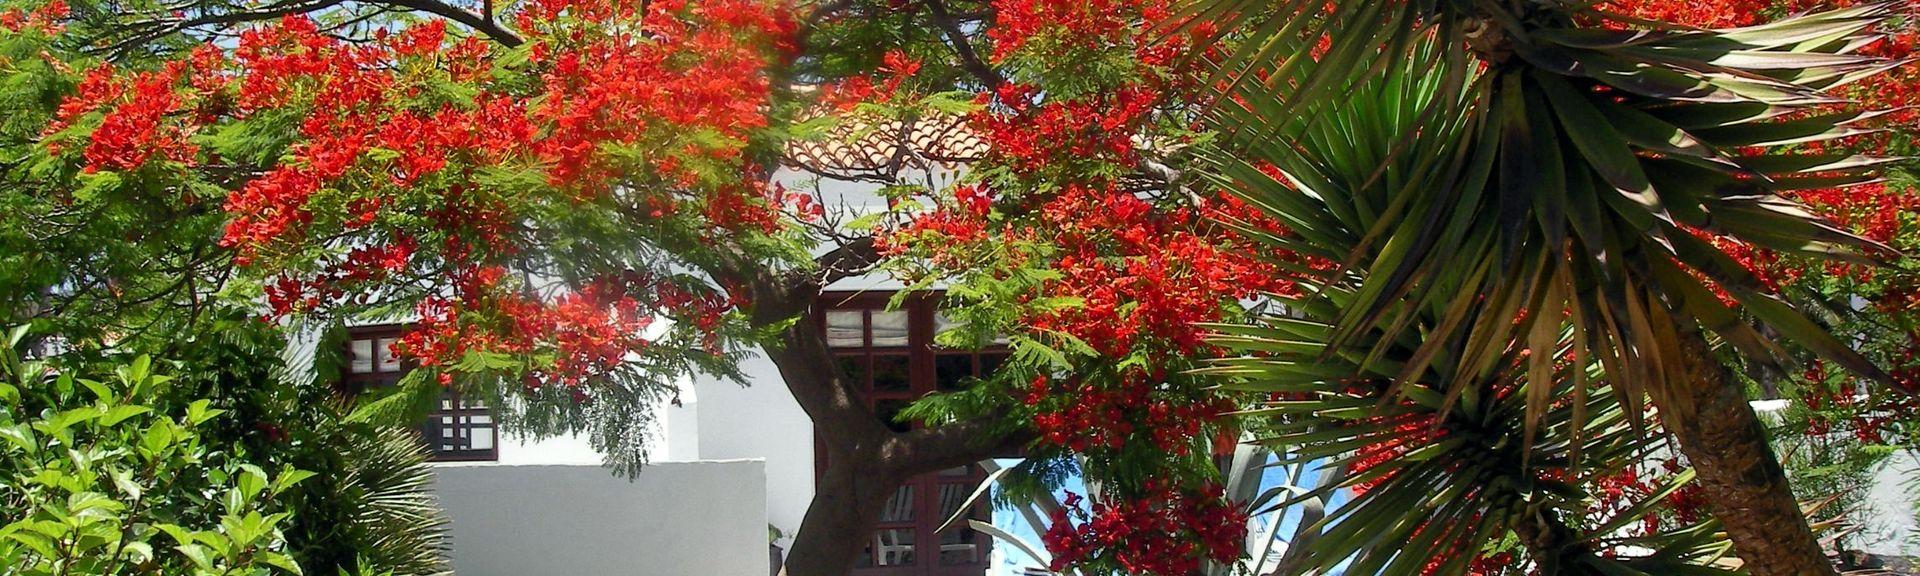 Nuevo Horizonte, Las Palmas, Spain